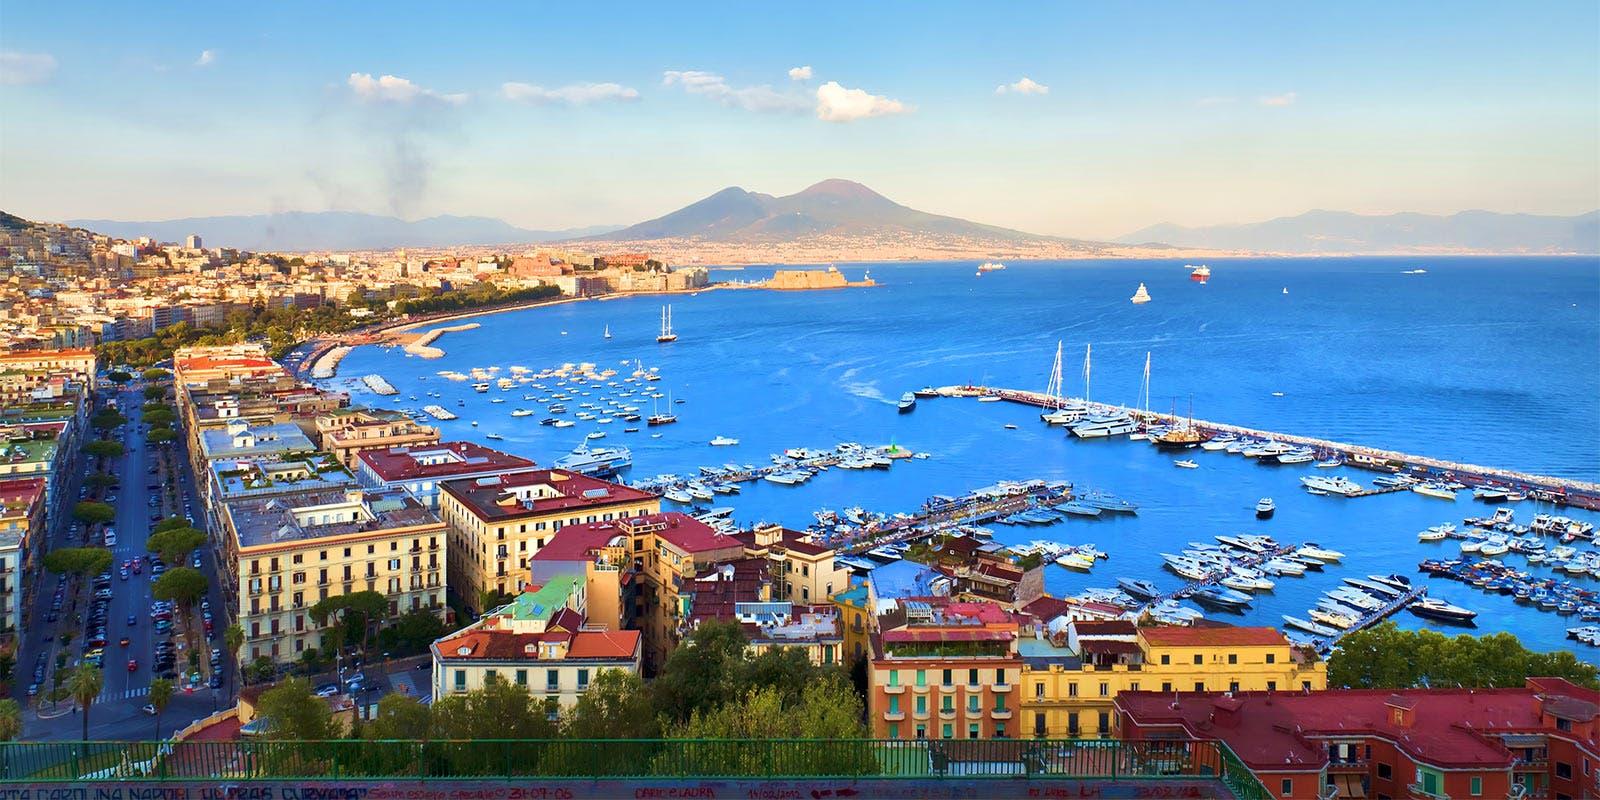 Napoli rca